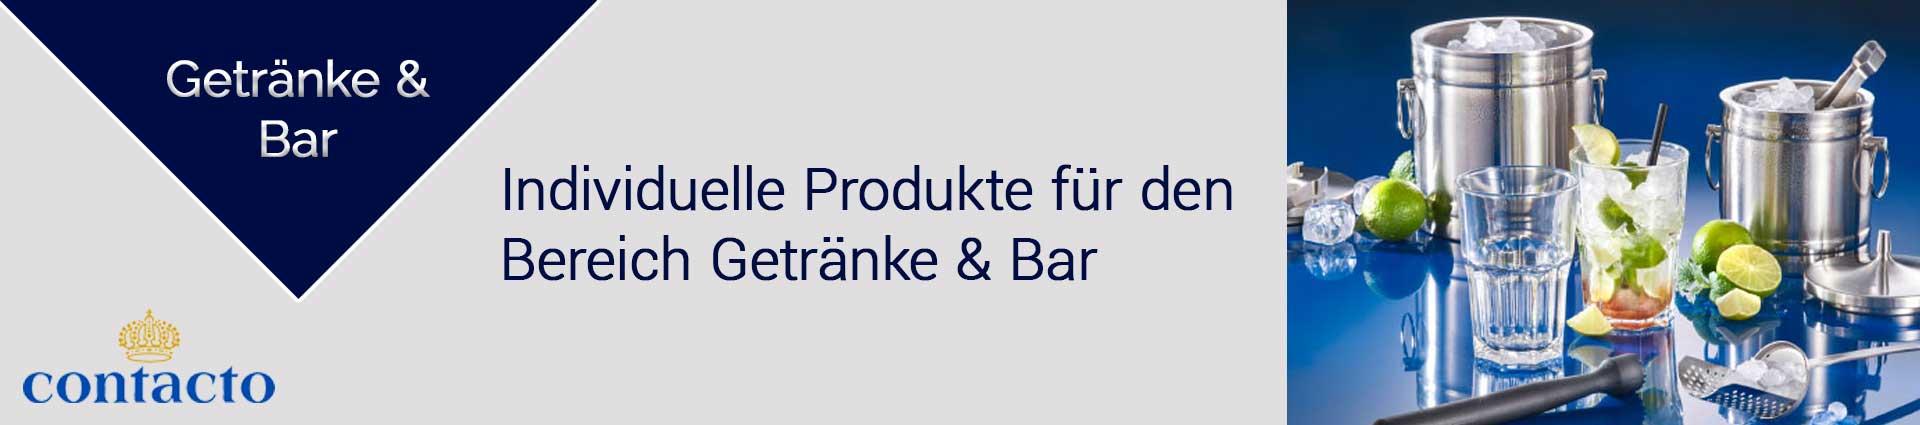 Contacto Getränke und Bar Banner